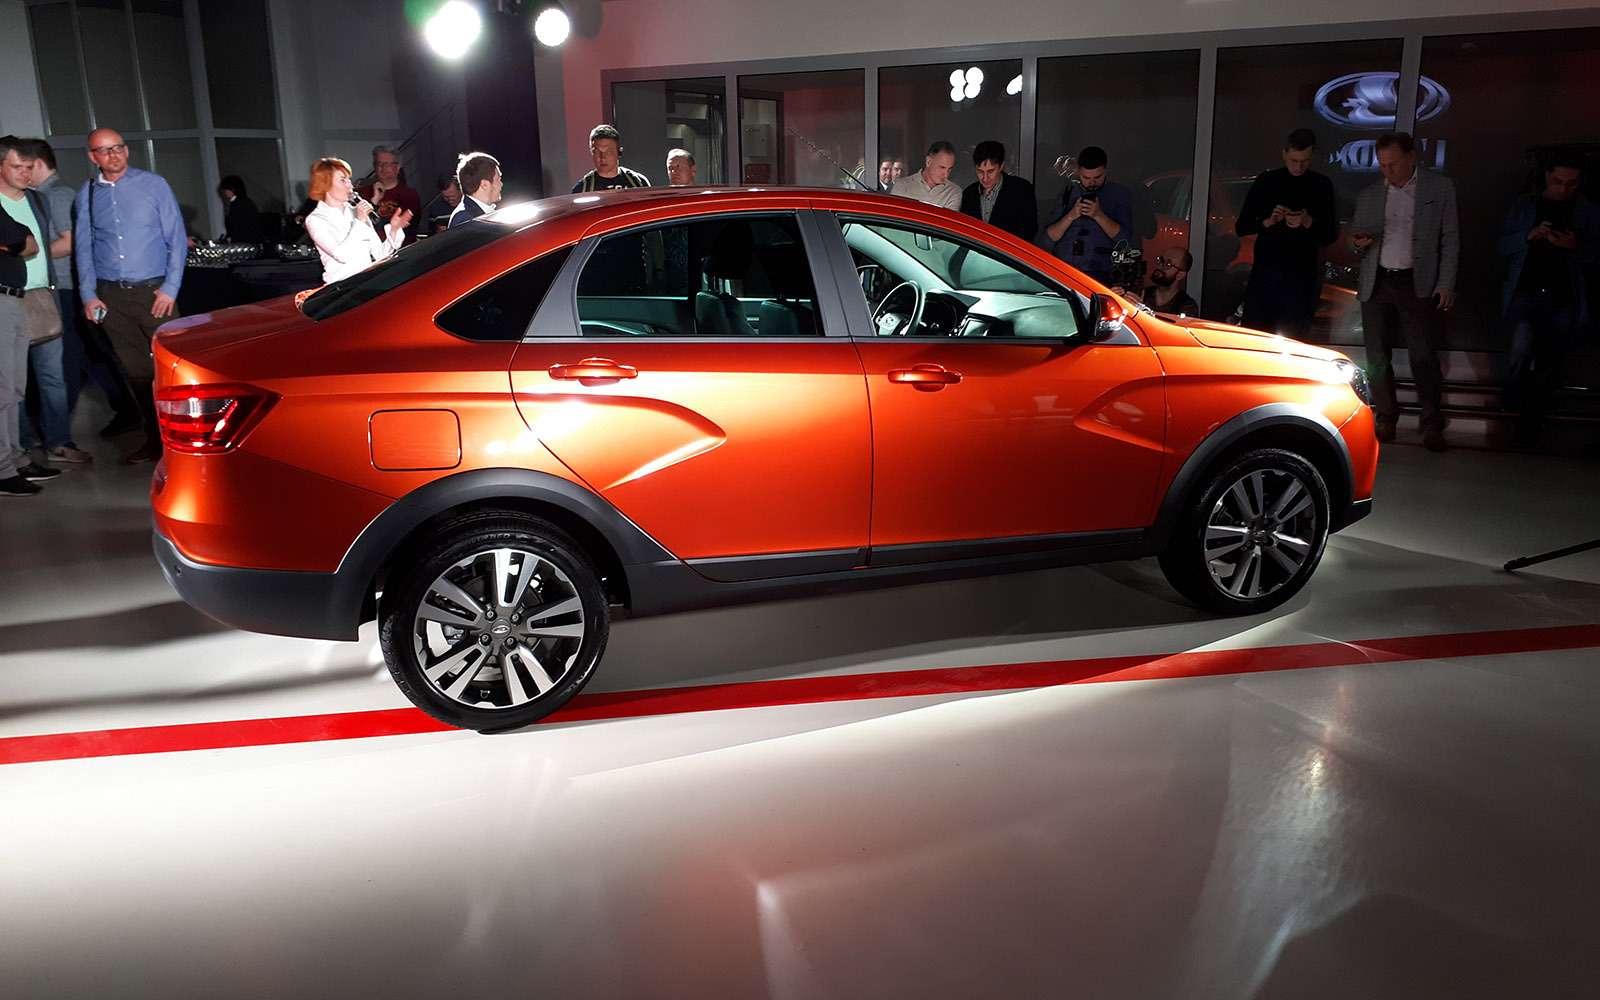 Представлена новая модель Lada. Иэто снова Cross— фото 863341